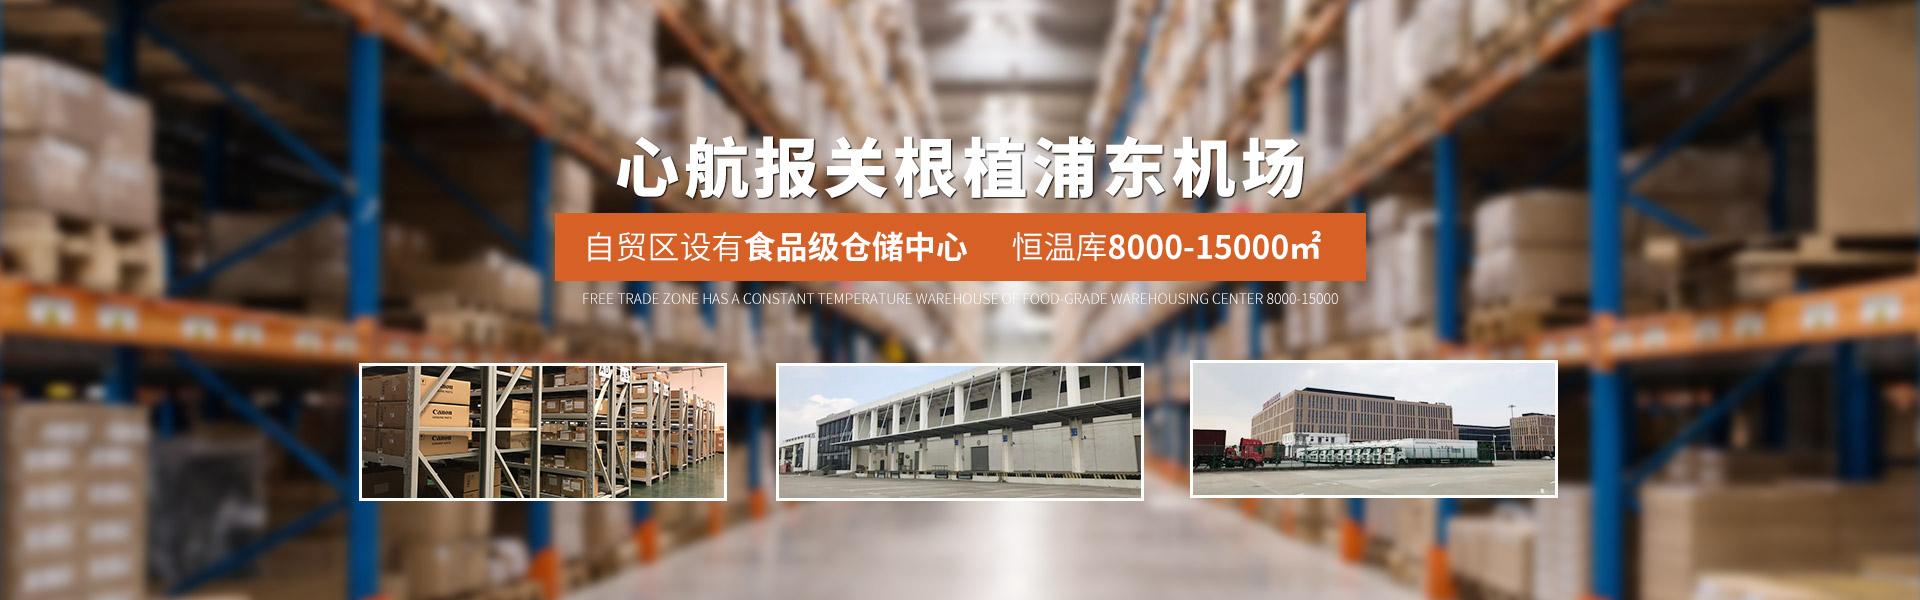 心航报关根植浦东机场 自贸区设有食品级仓储中心  恒温库8000-15000㎡